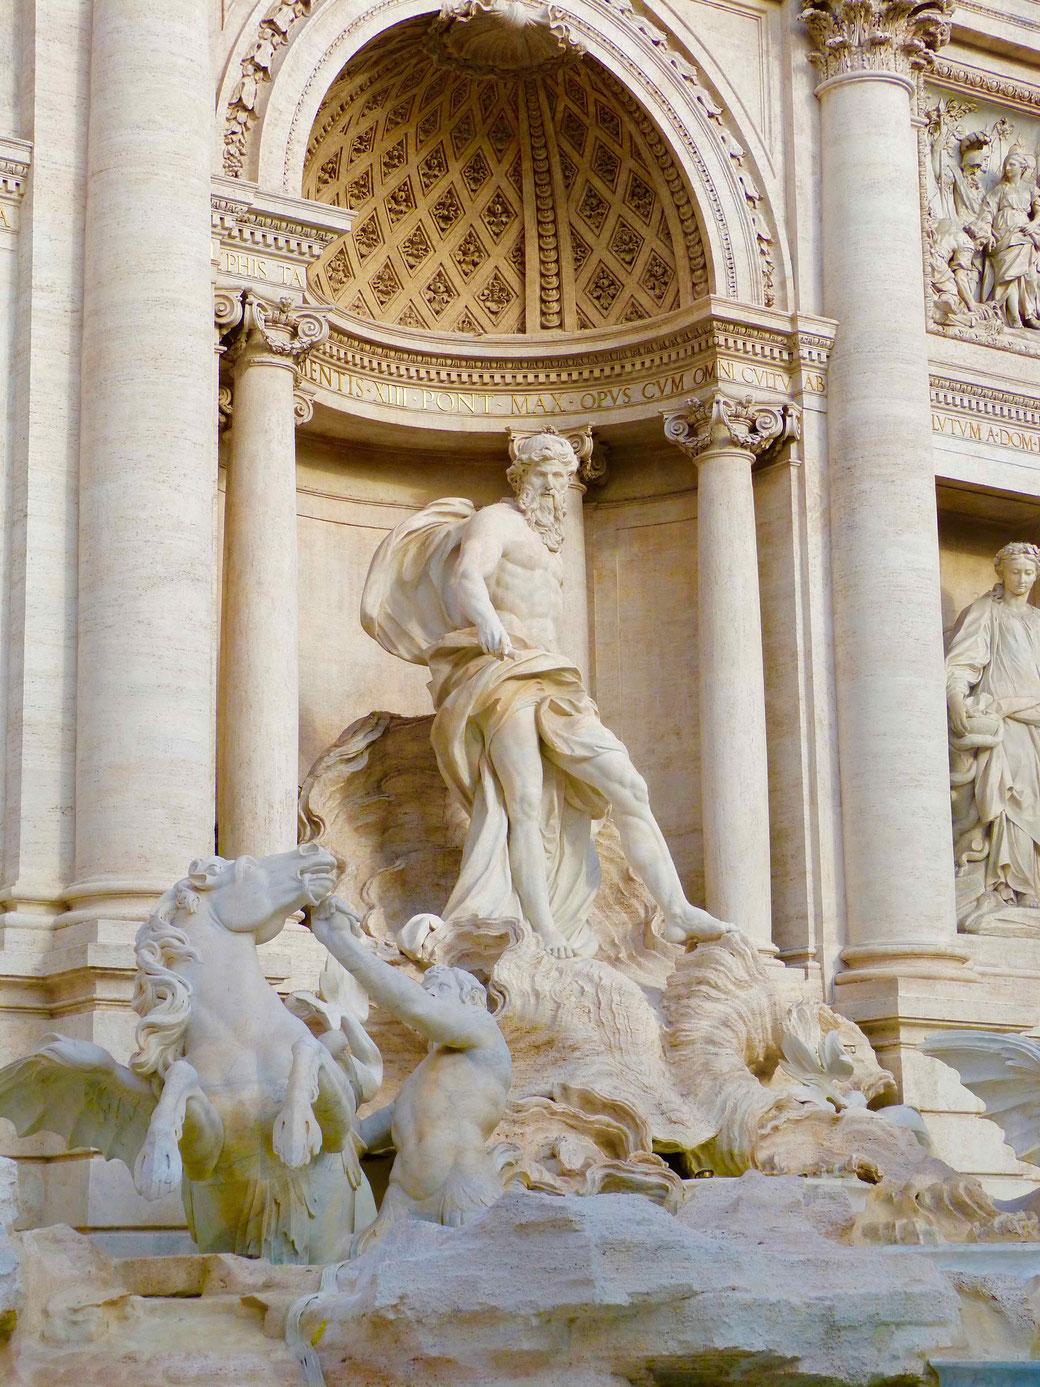 Trevibrunnen in Rom - Am frühen Morgen hat man den weltberühmten Brunnen fast für sich alleine.